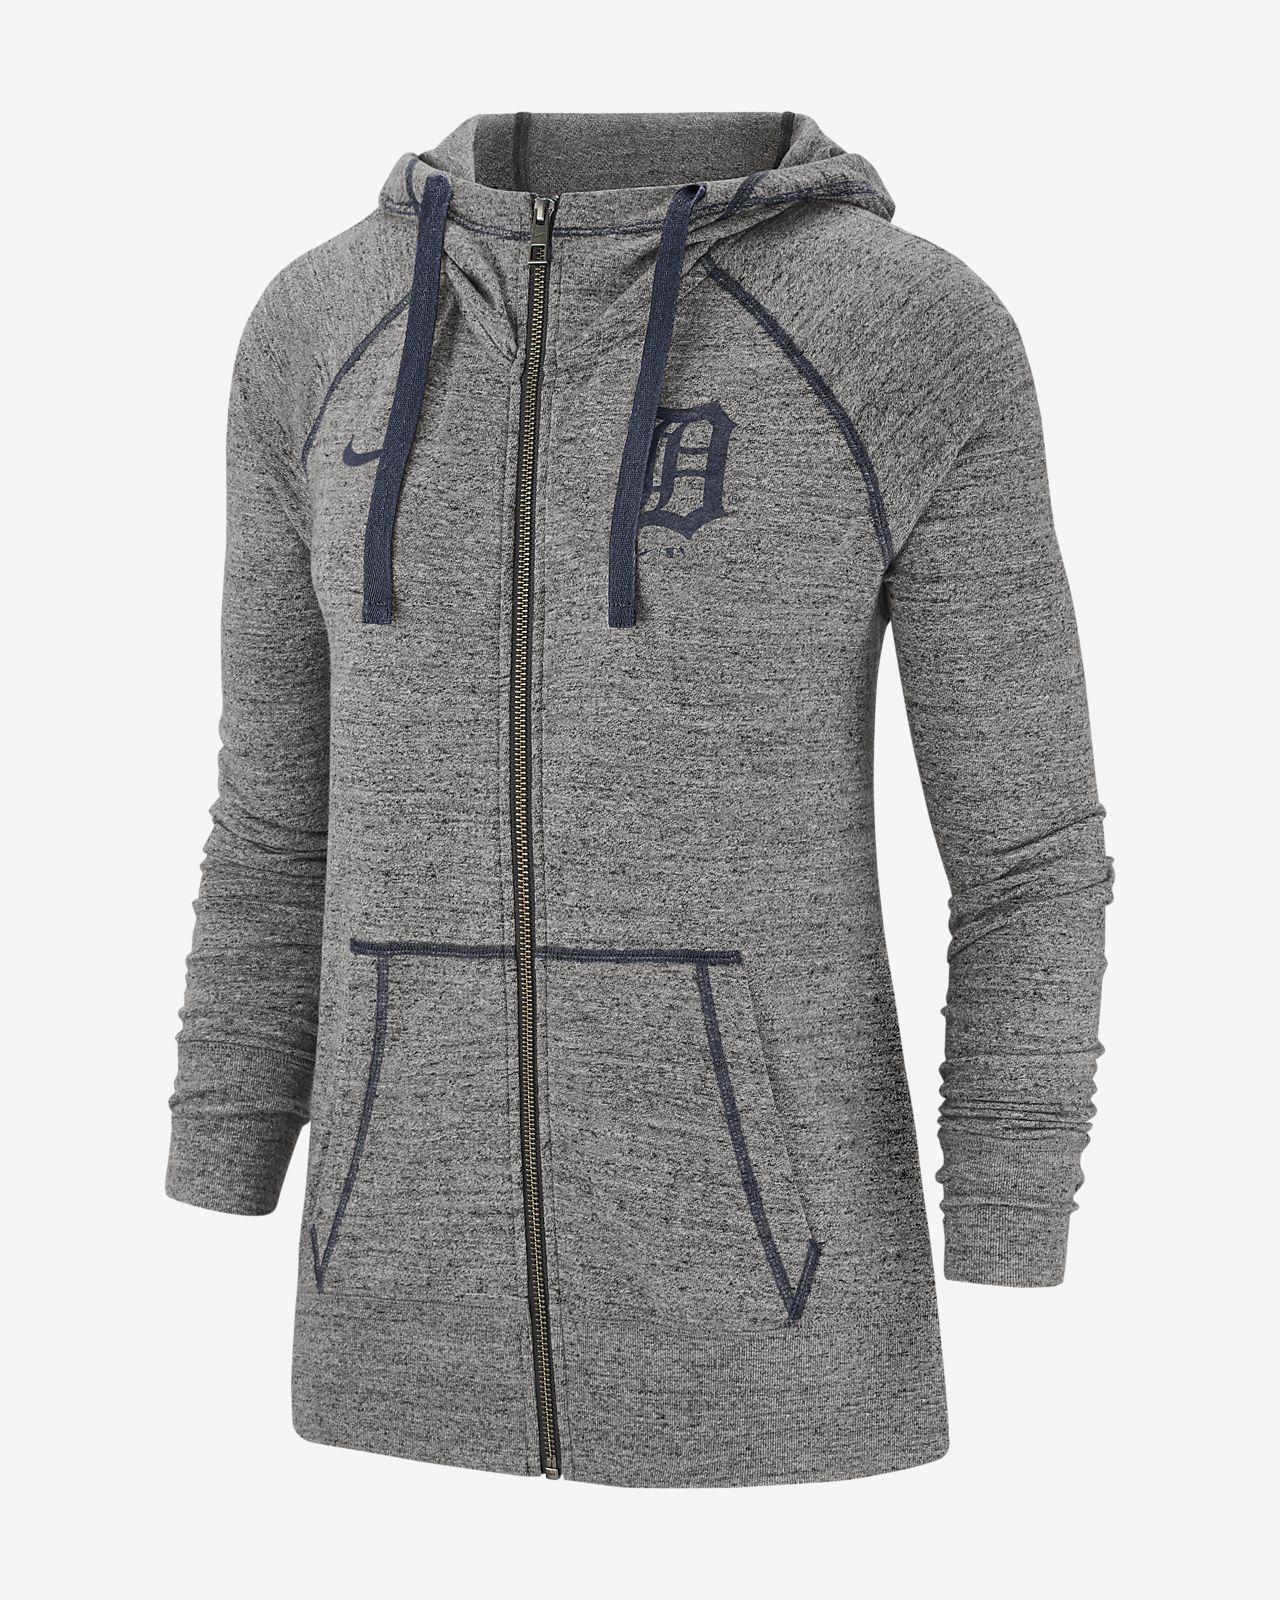 Nike Gym Vintage (MLB Tigers) Women's Full-Zip Hoodie